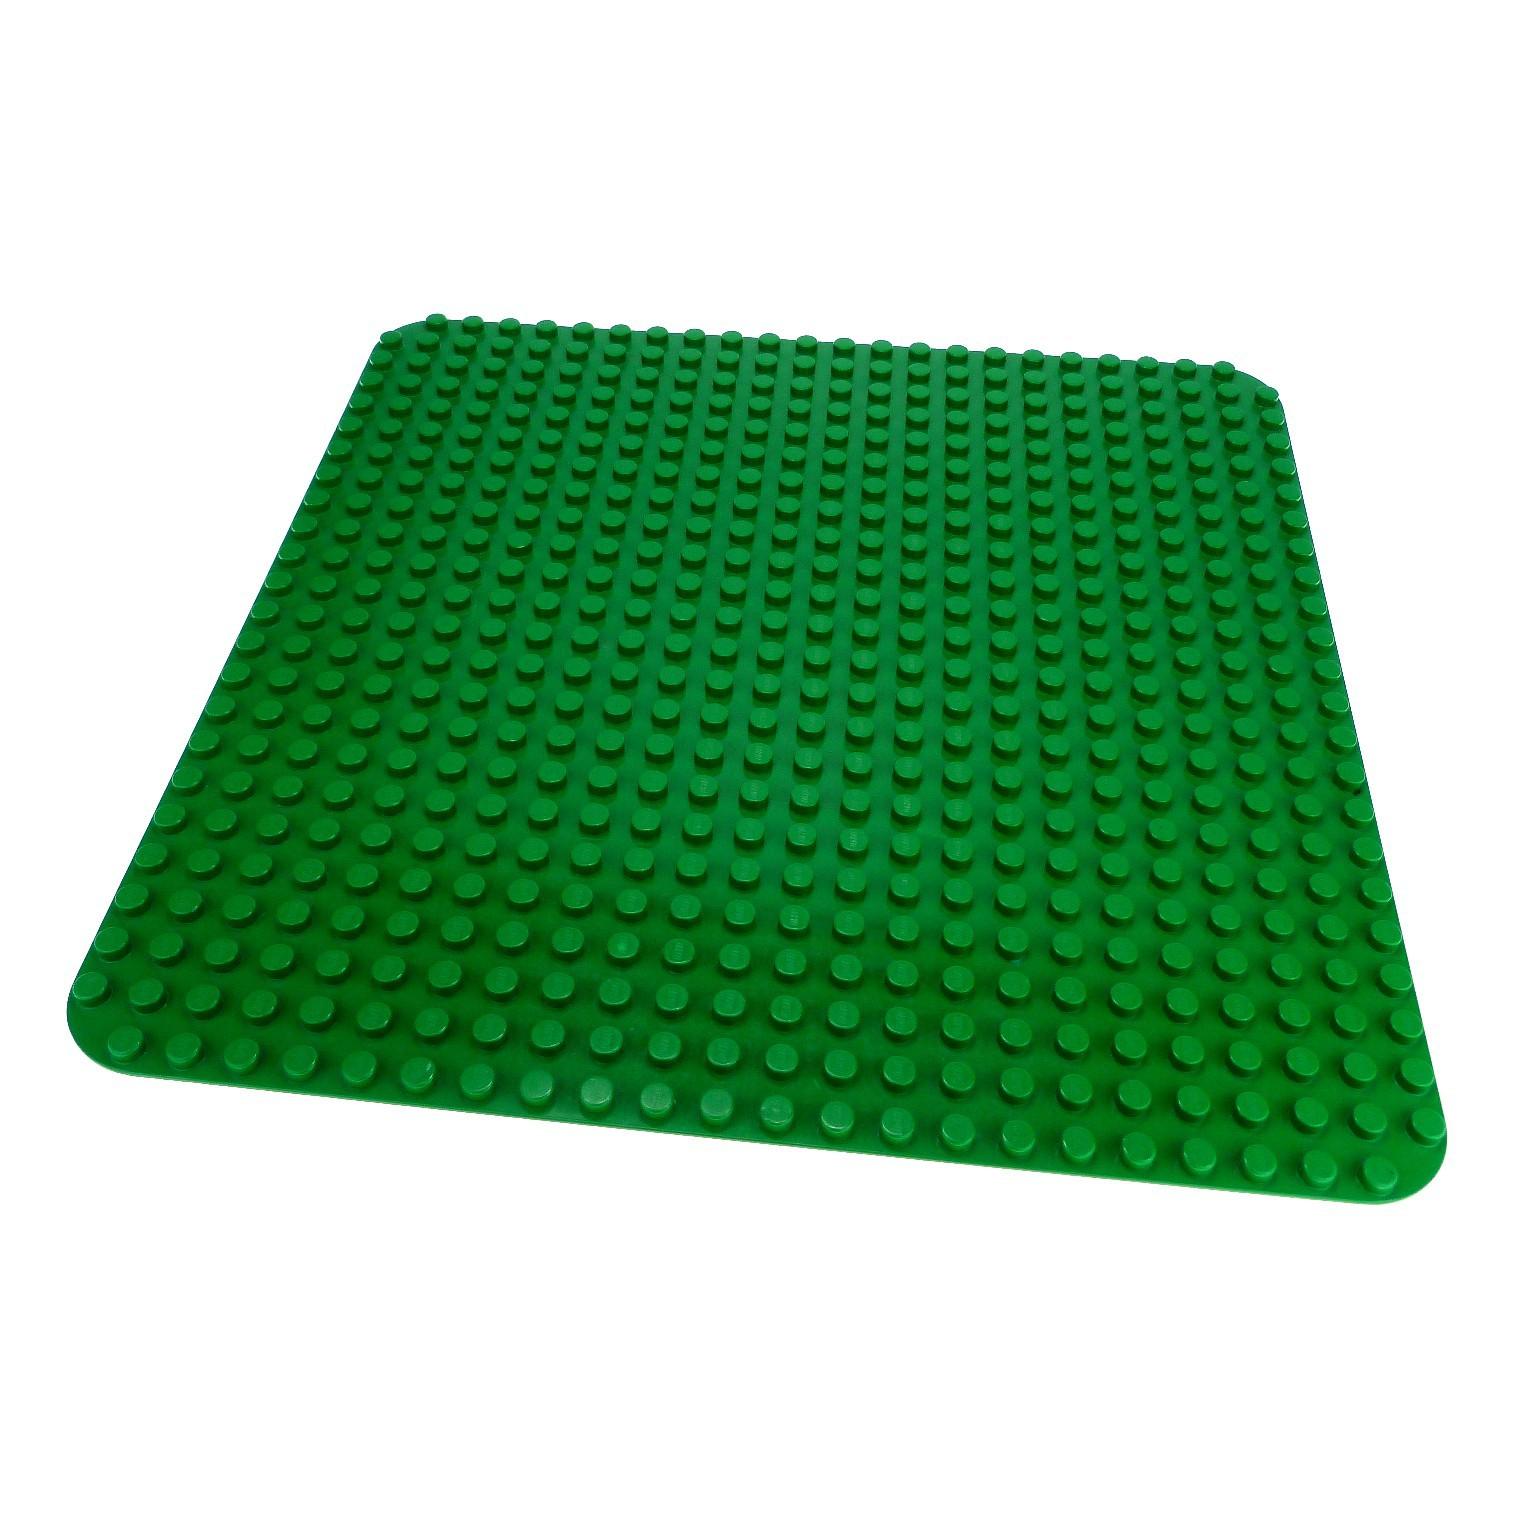 1 x lego duplo bau platte besch digt b ware minderwertig basic platte 24x24 gr n 24 x 24. Black Bedroom Furniture Sets. Home Design Ideas